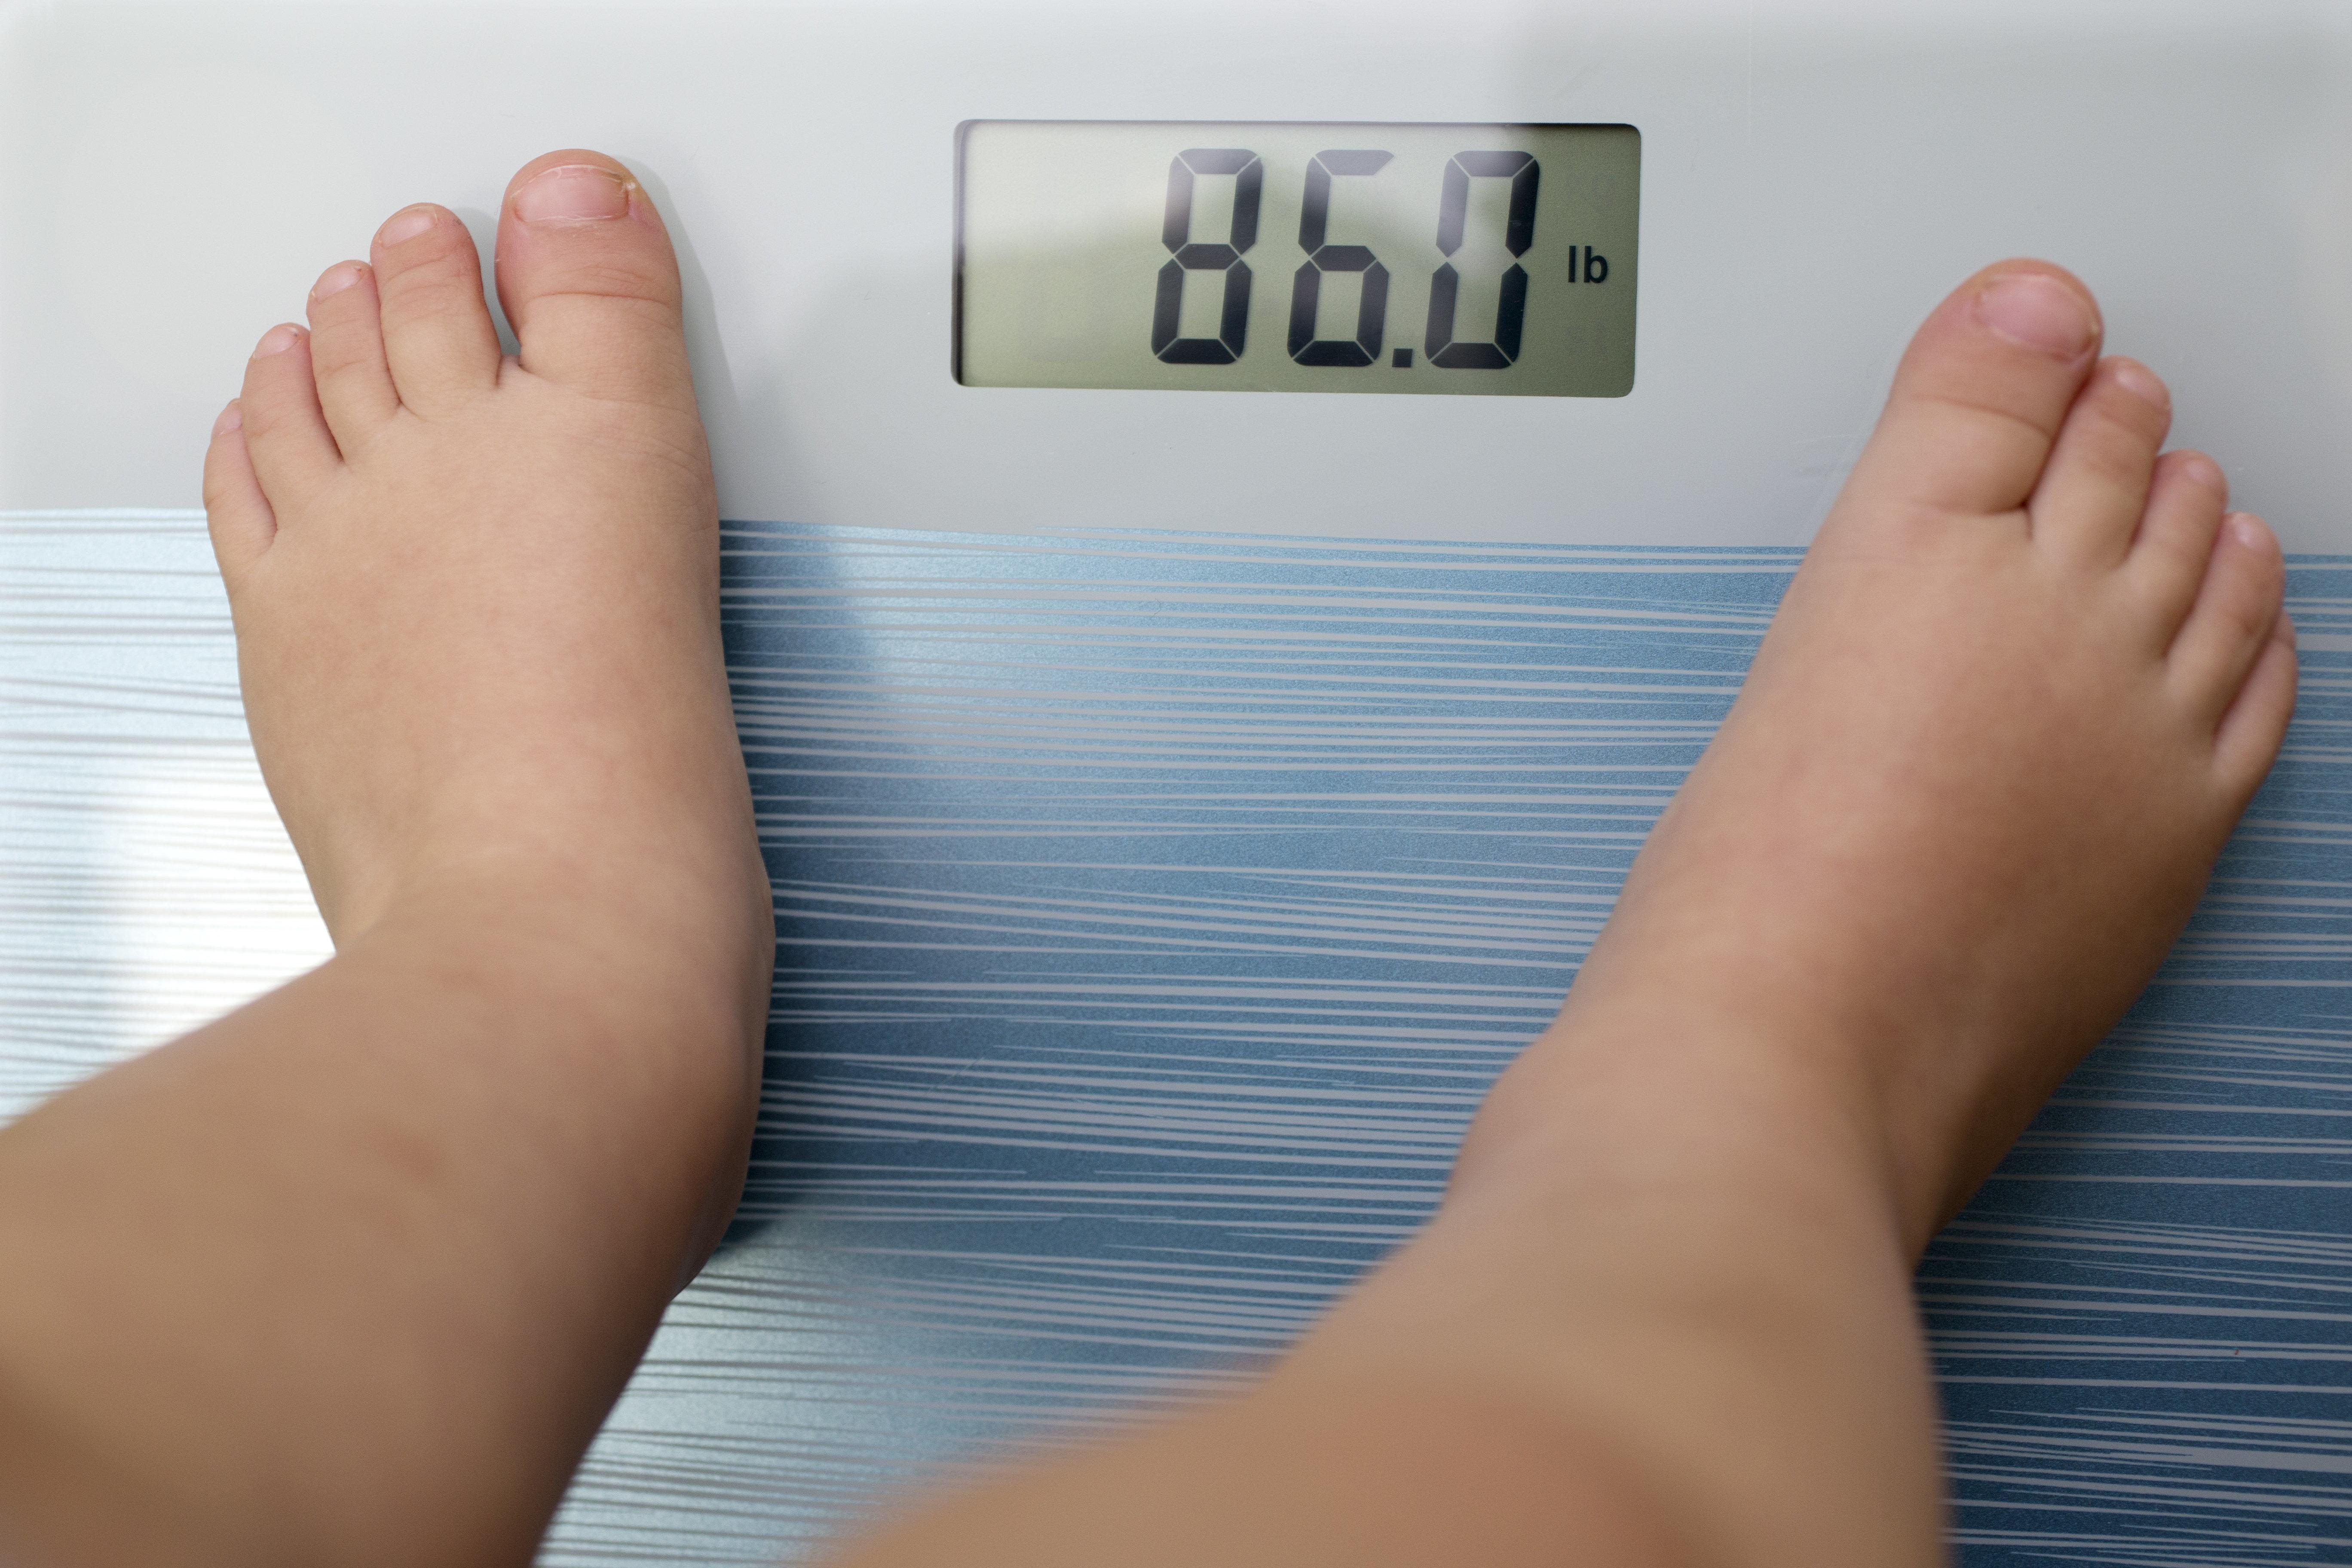 Ένας στους τέσσερις ανθρώπους θα είναι παχύσαρκος το 2045. Οι επιστήμονες προτείνουν να γίνουμε